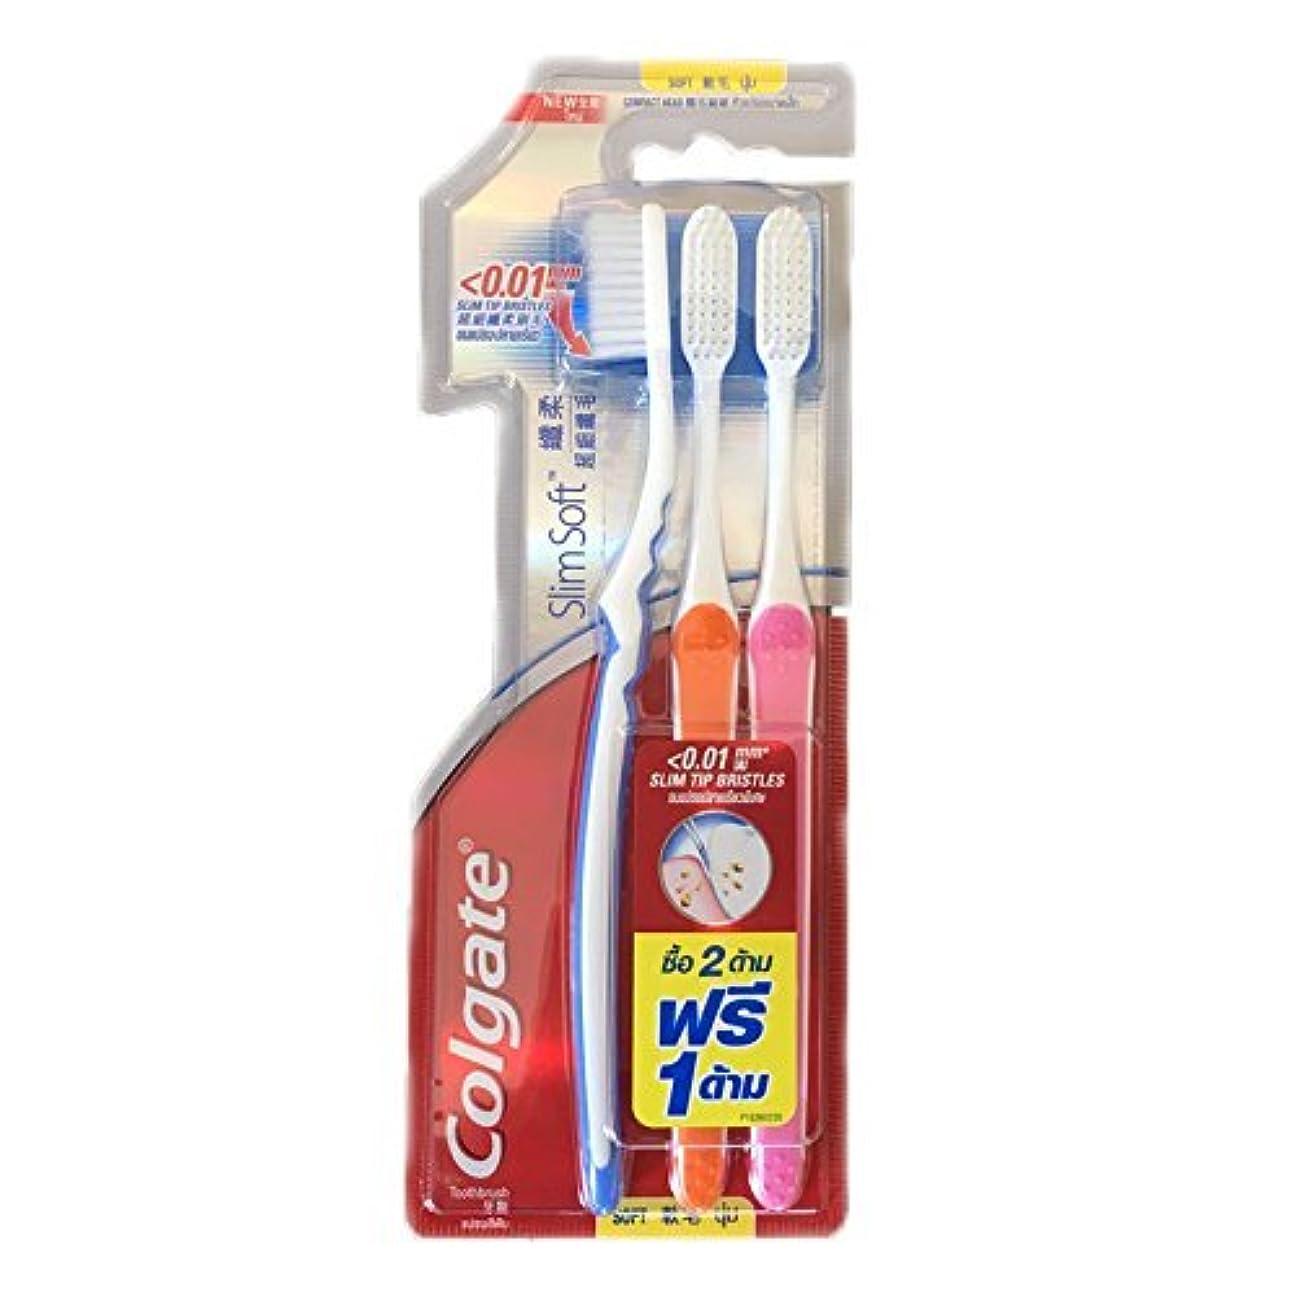 ピービッシュキルスパックColgate Compact Soft | Slim Soft Toothbrush, Family Pack (3 Bristles) by BeautyBreeze